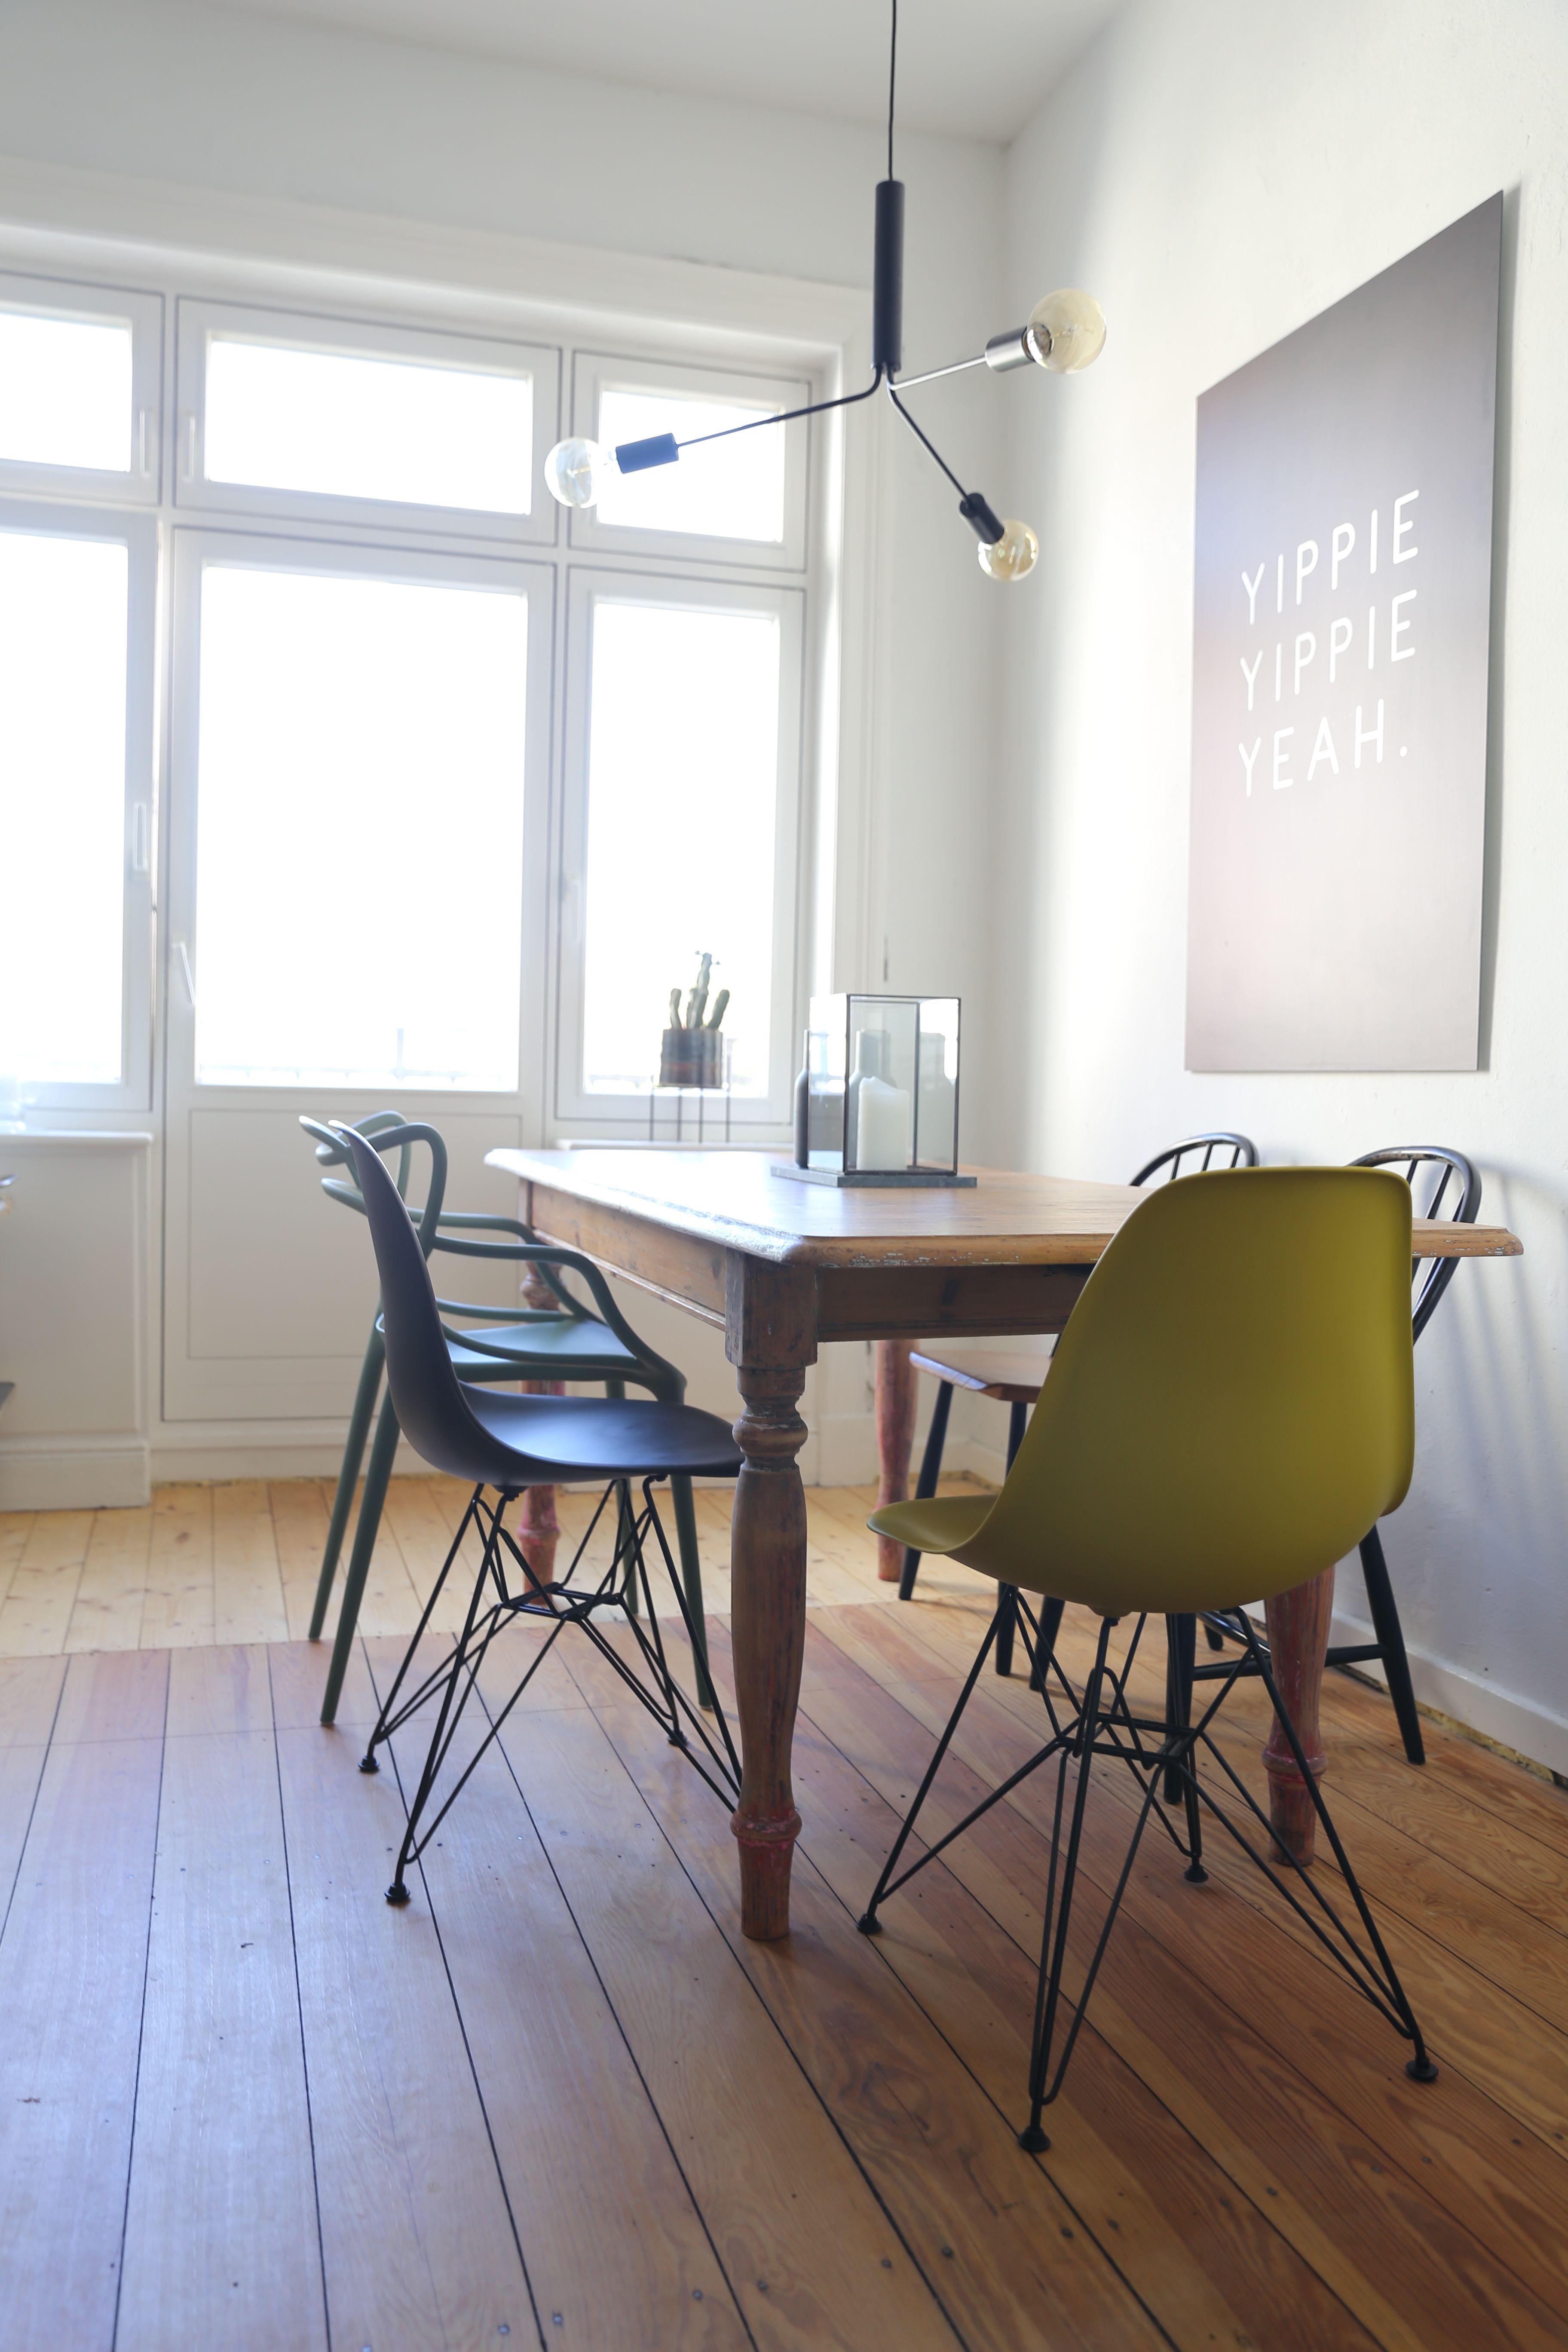 Der Neue Esszimmer Stuhl Von Elbgestoeber Formt Einen Tollen Kontrast Zu  Ihrem Vintage